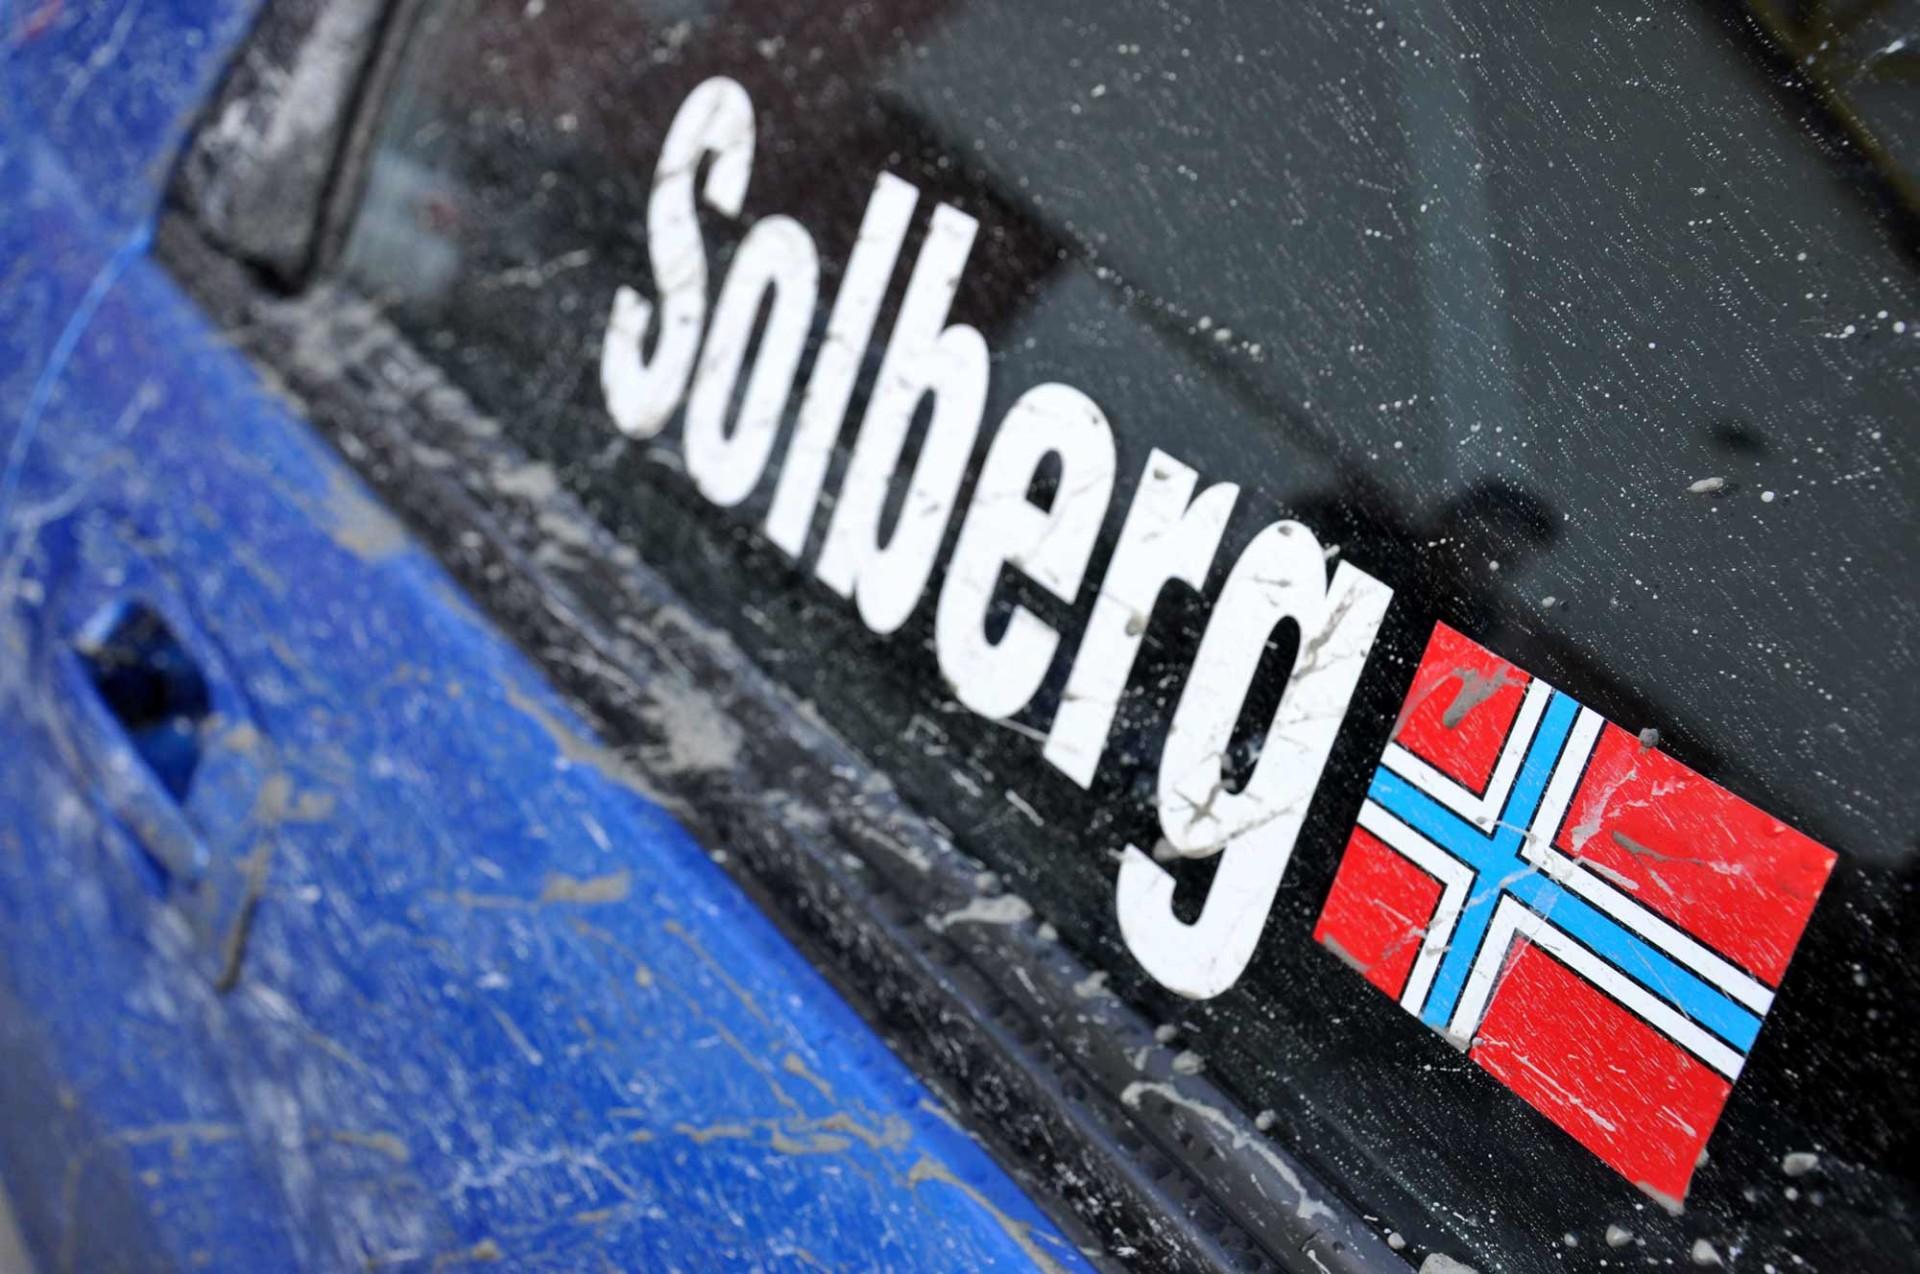 Peter Solberg - Subaru wrc